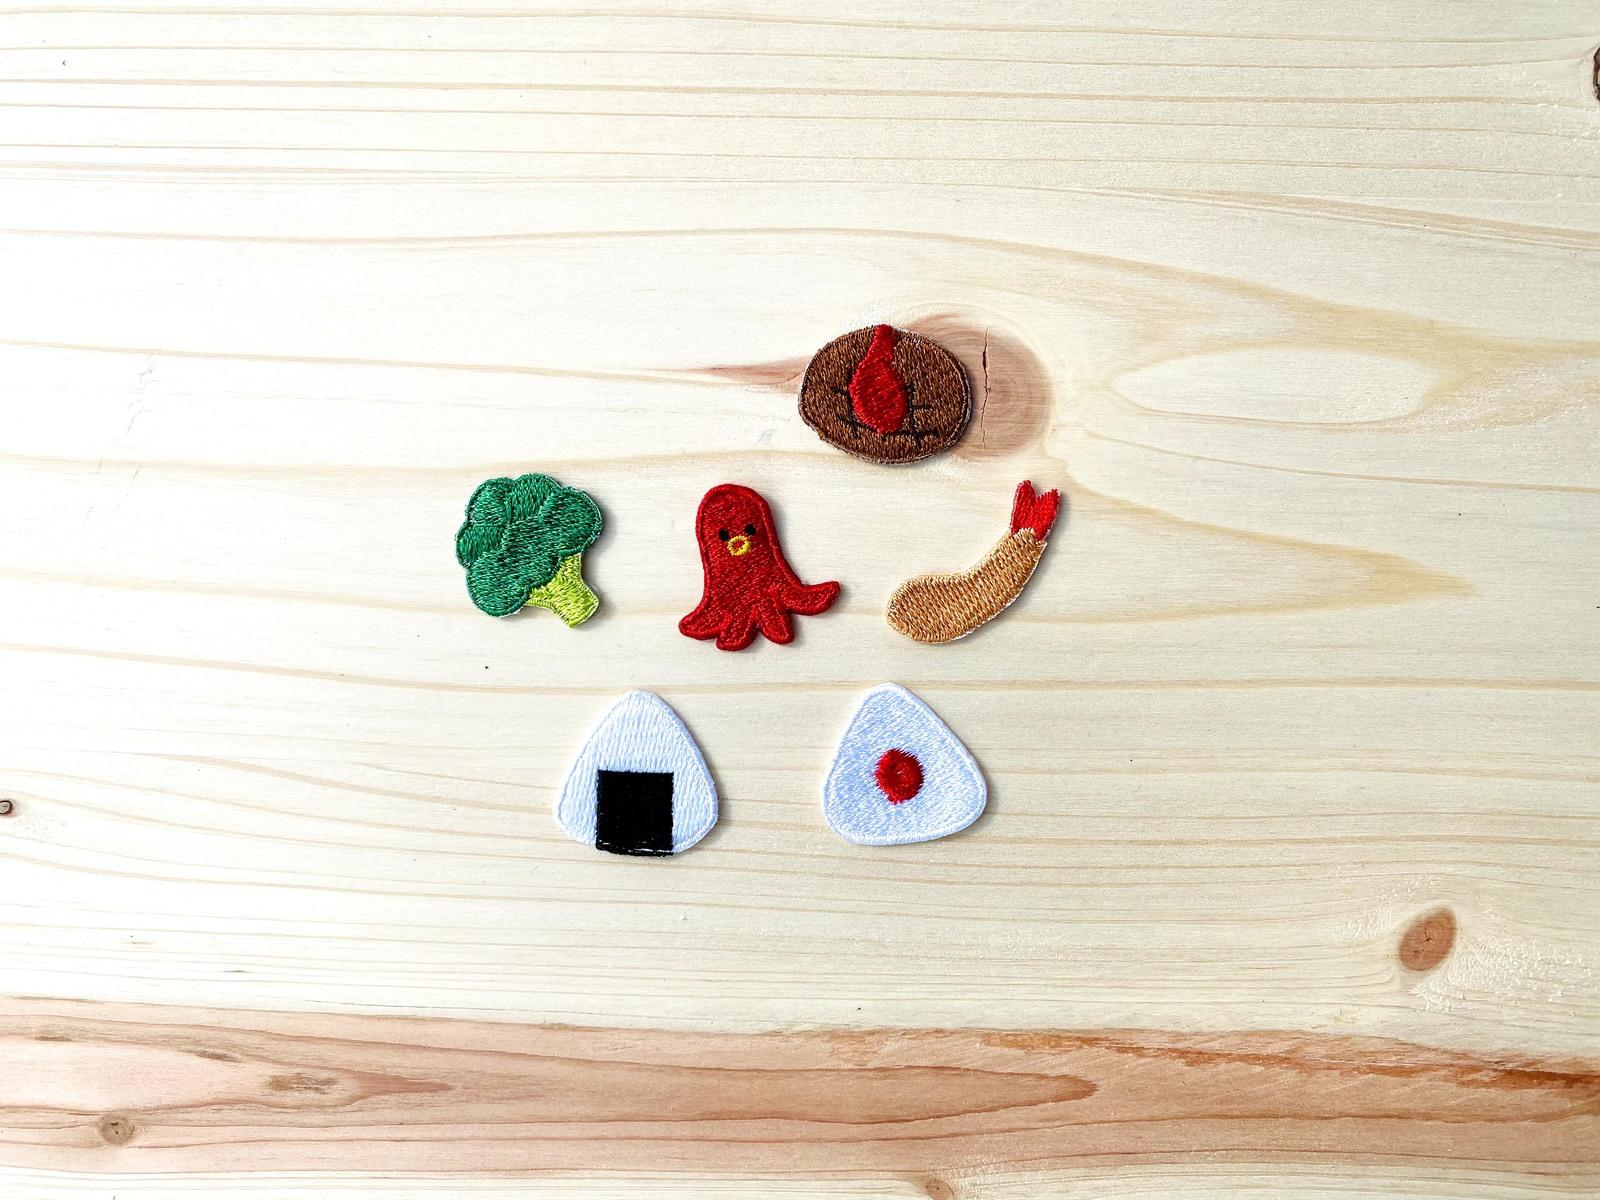 大 本日の目玉 お弁当の刺繍ワッペン タコさんウィンナー 直営店 のりおにぎり 梅おにぎり ブロッコリー 入園準備 エビフライ ハンバーグ